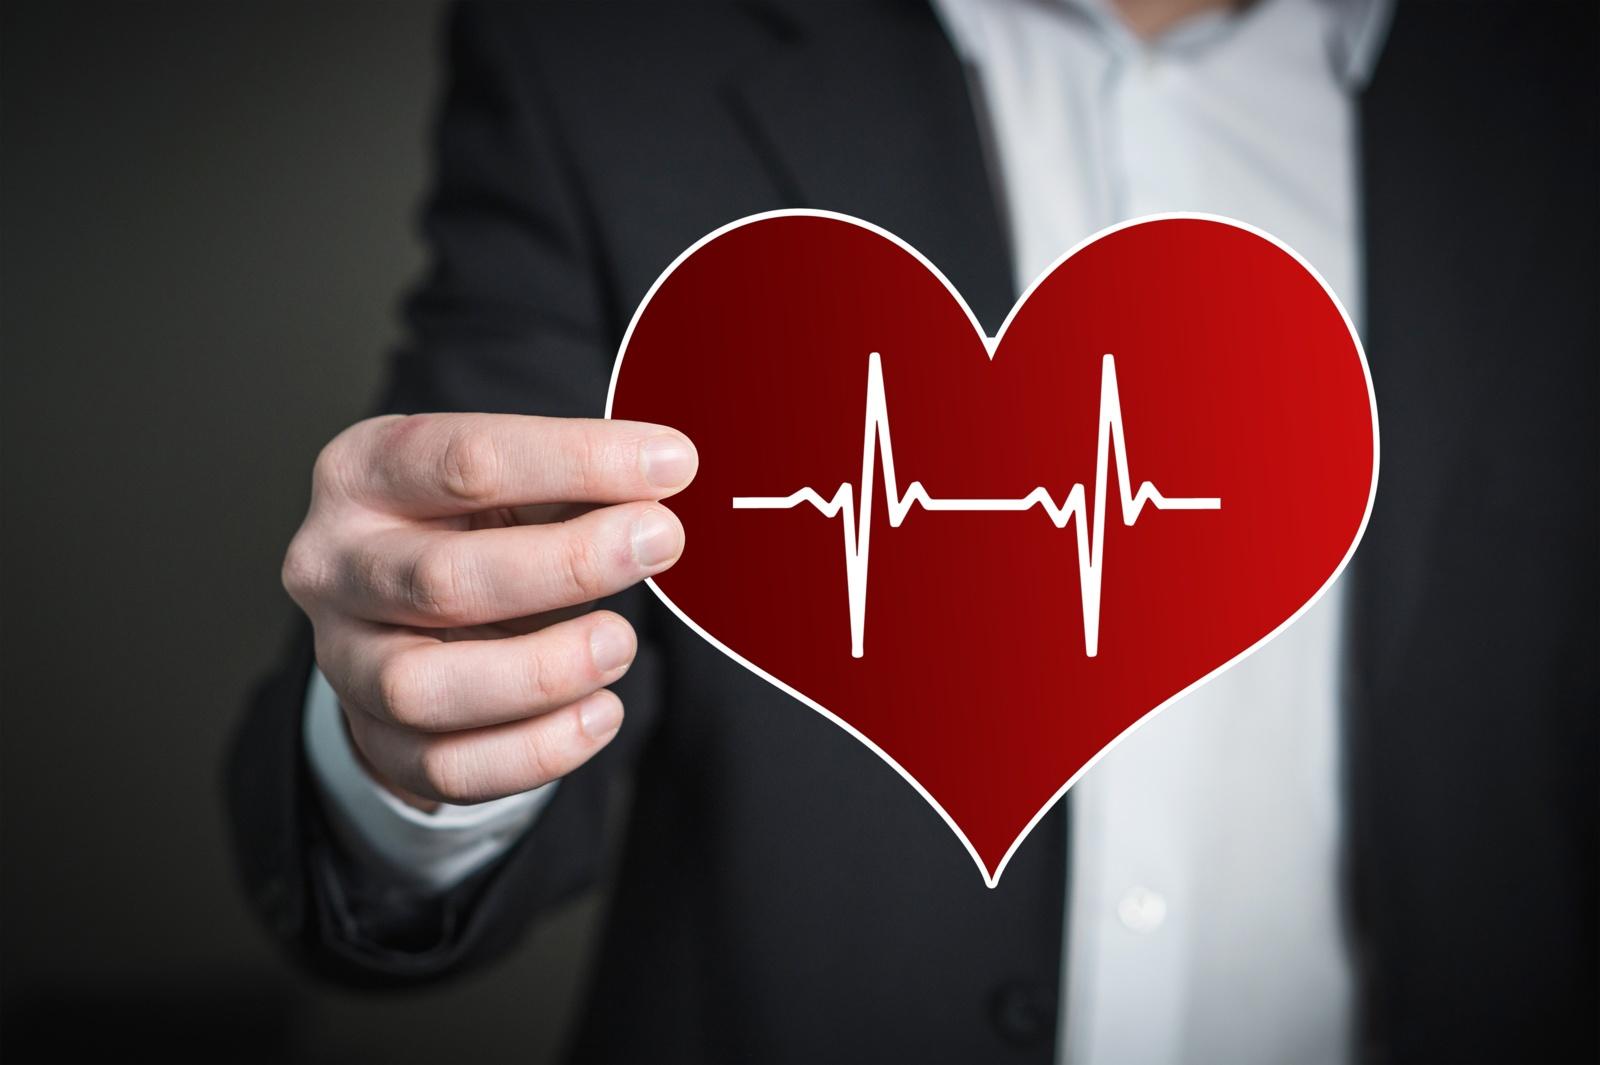 Kandesartanas – pažangus vaistas hipertenzijai gydyti